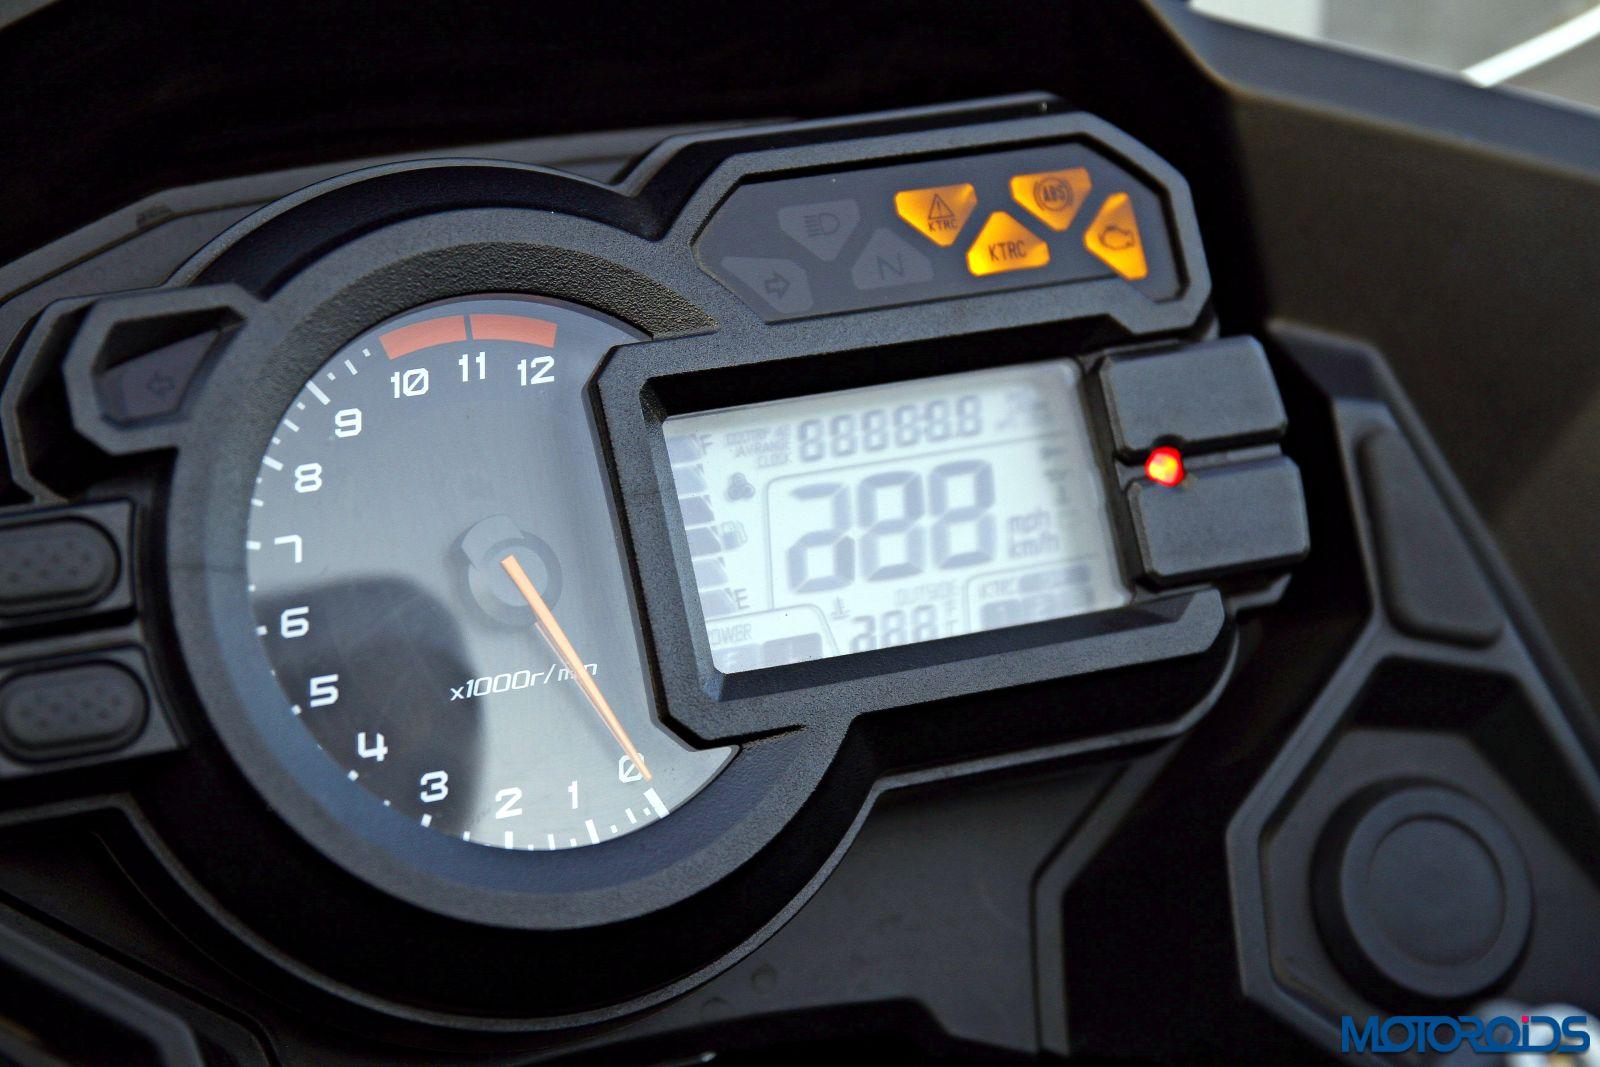 2015 Kawasaki Versys 1000 dashboard (3)